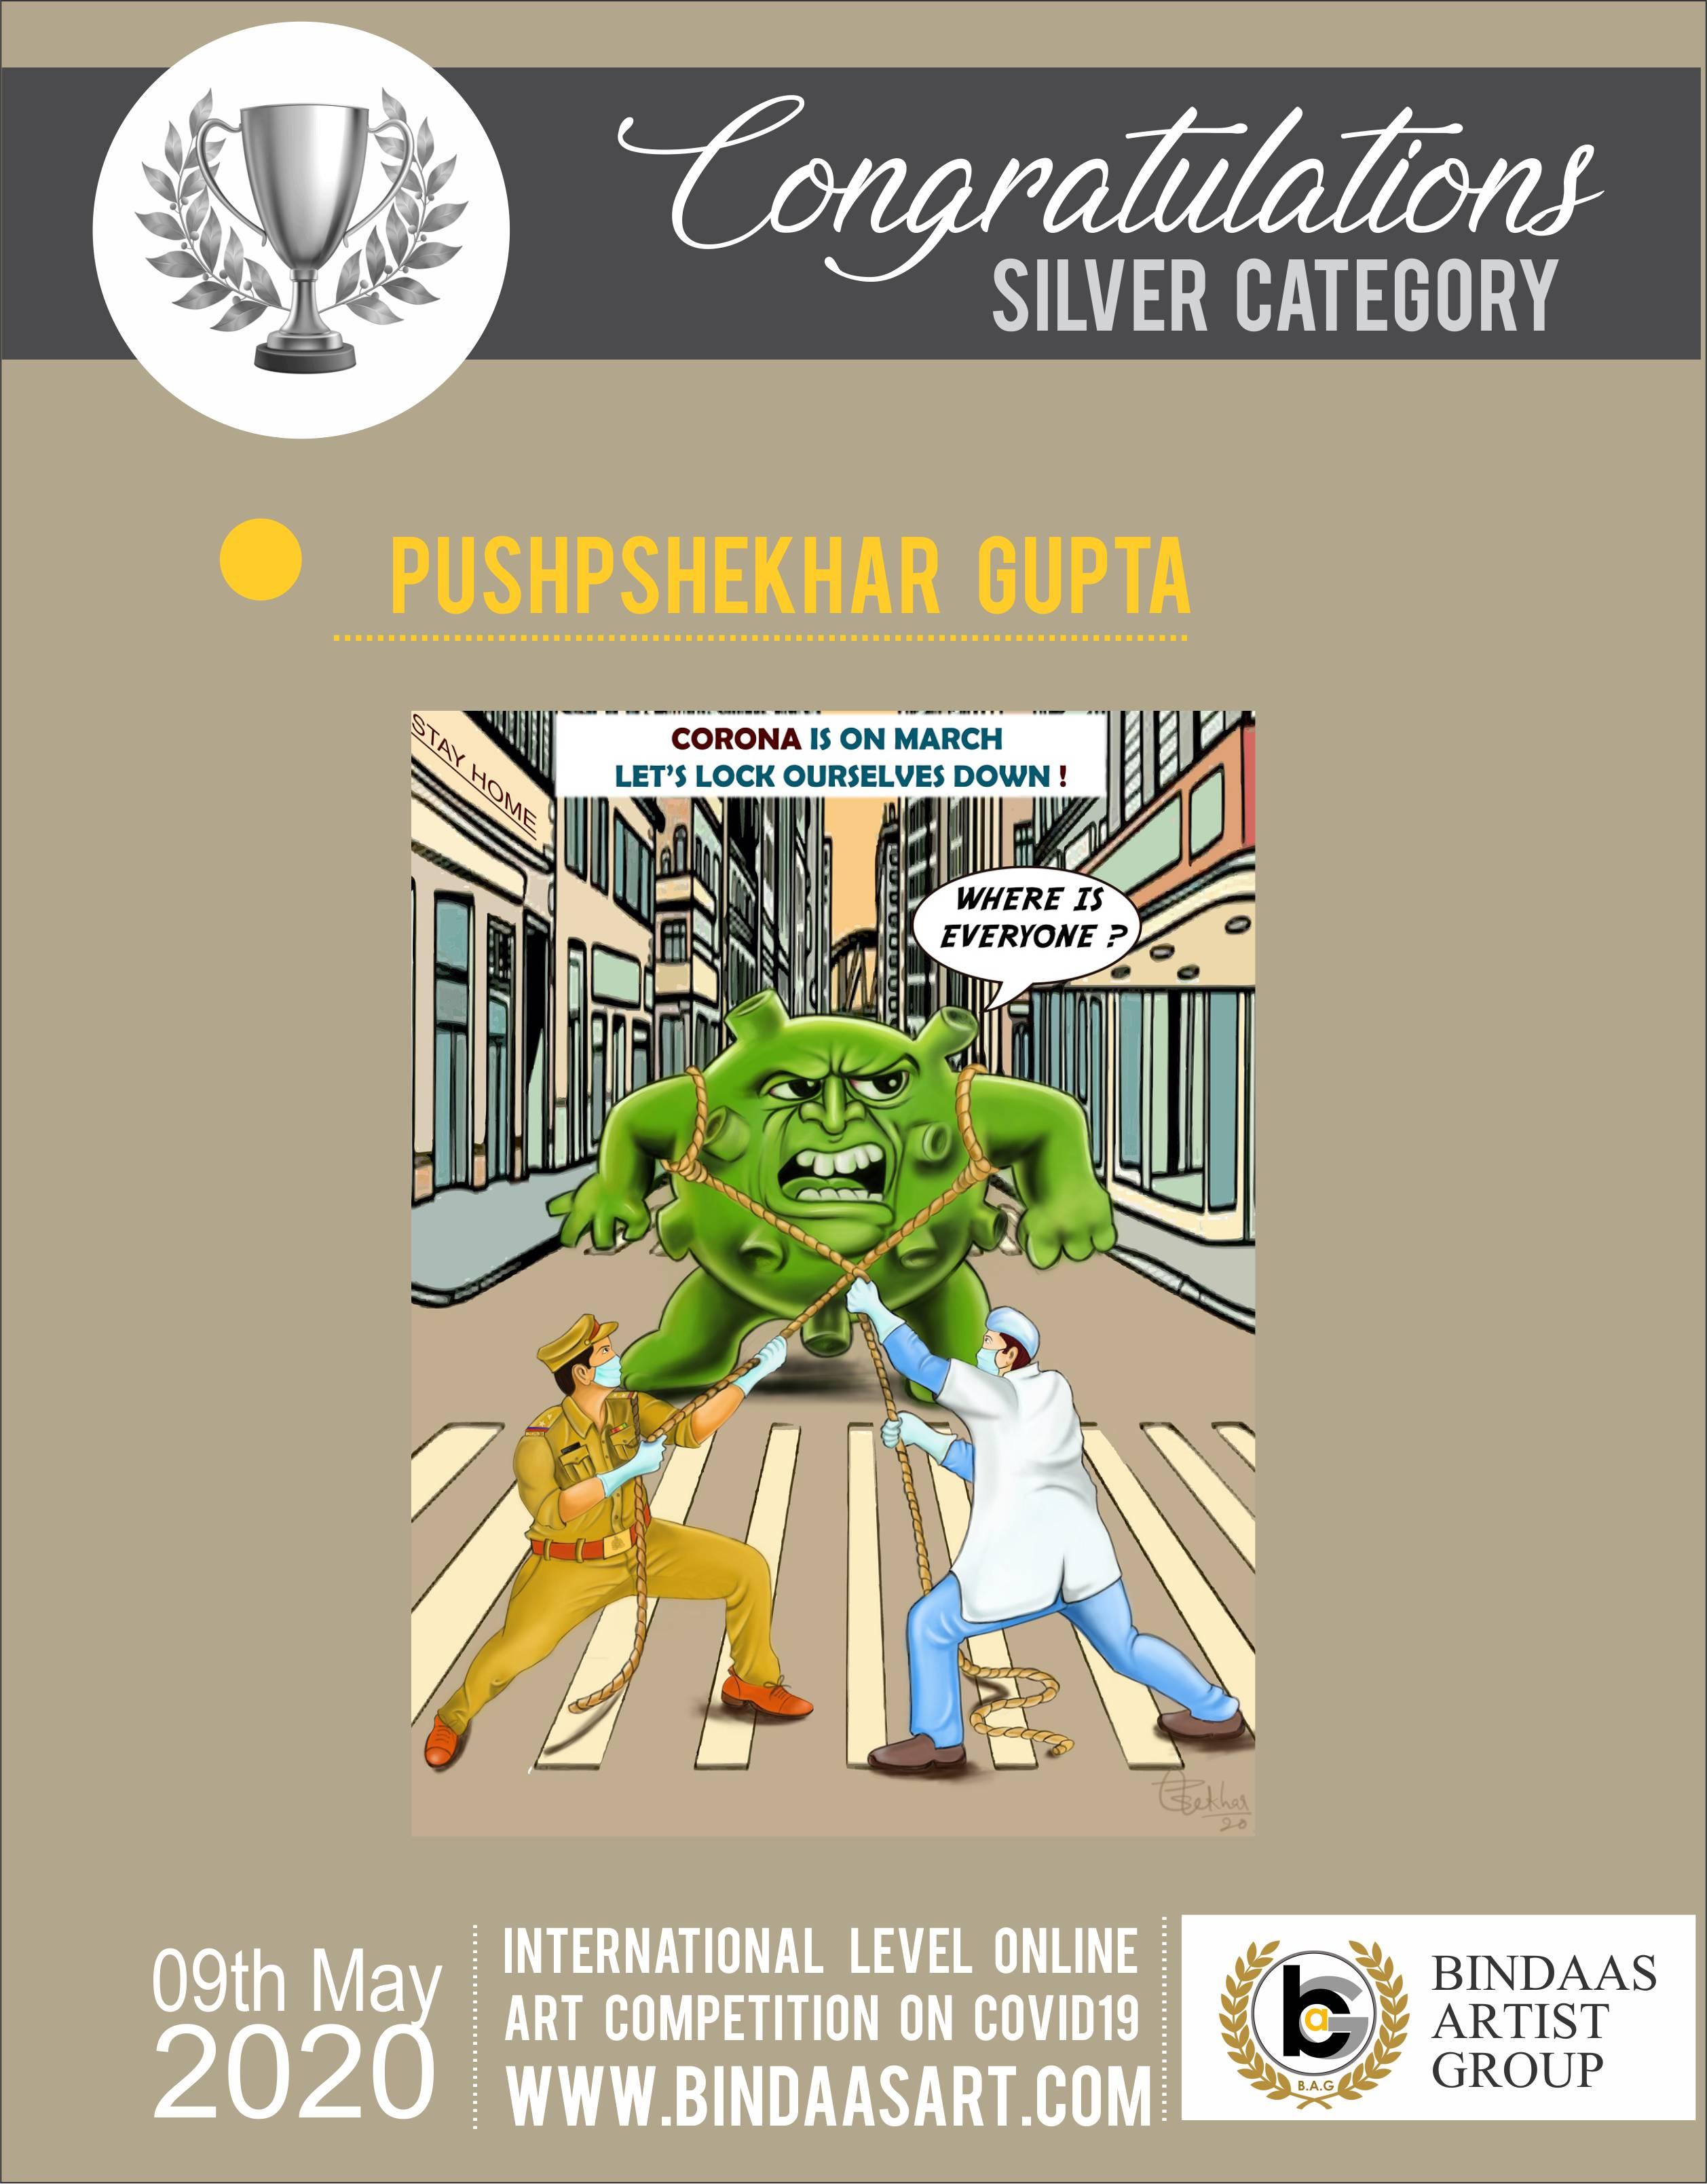 Pushpshekhar gupta